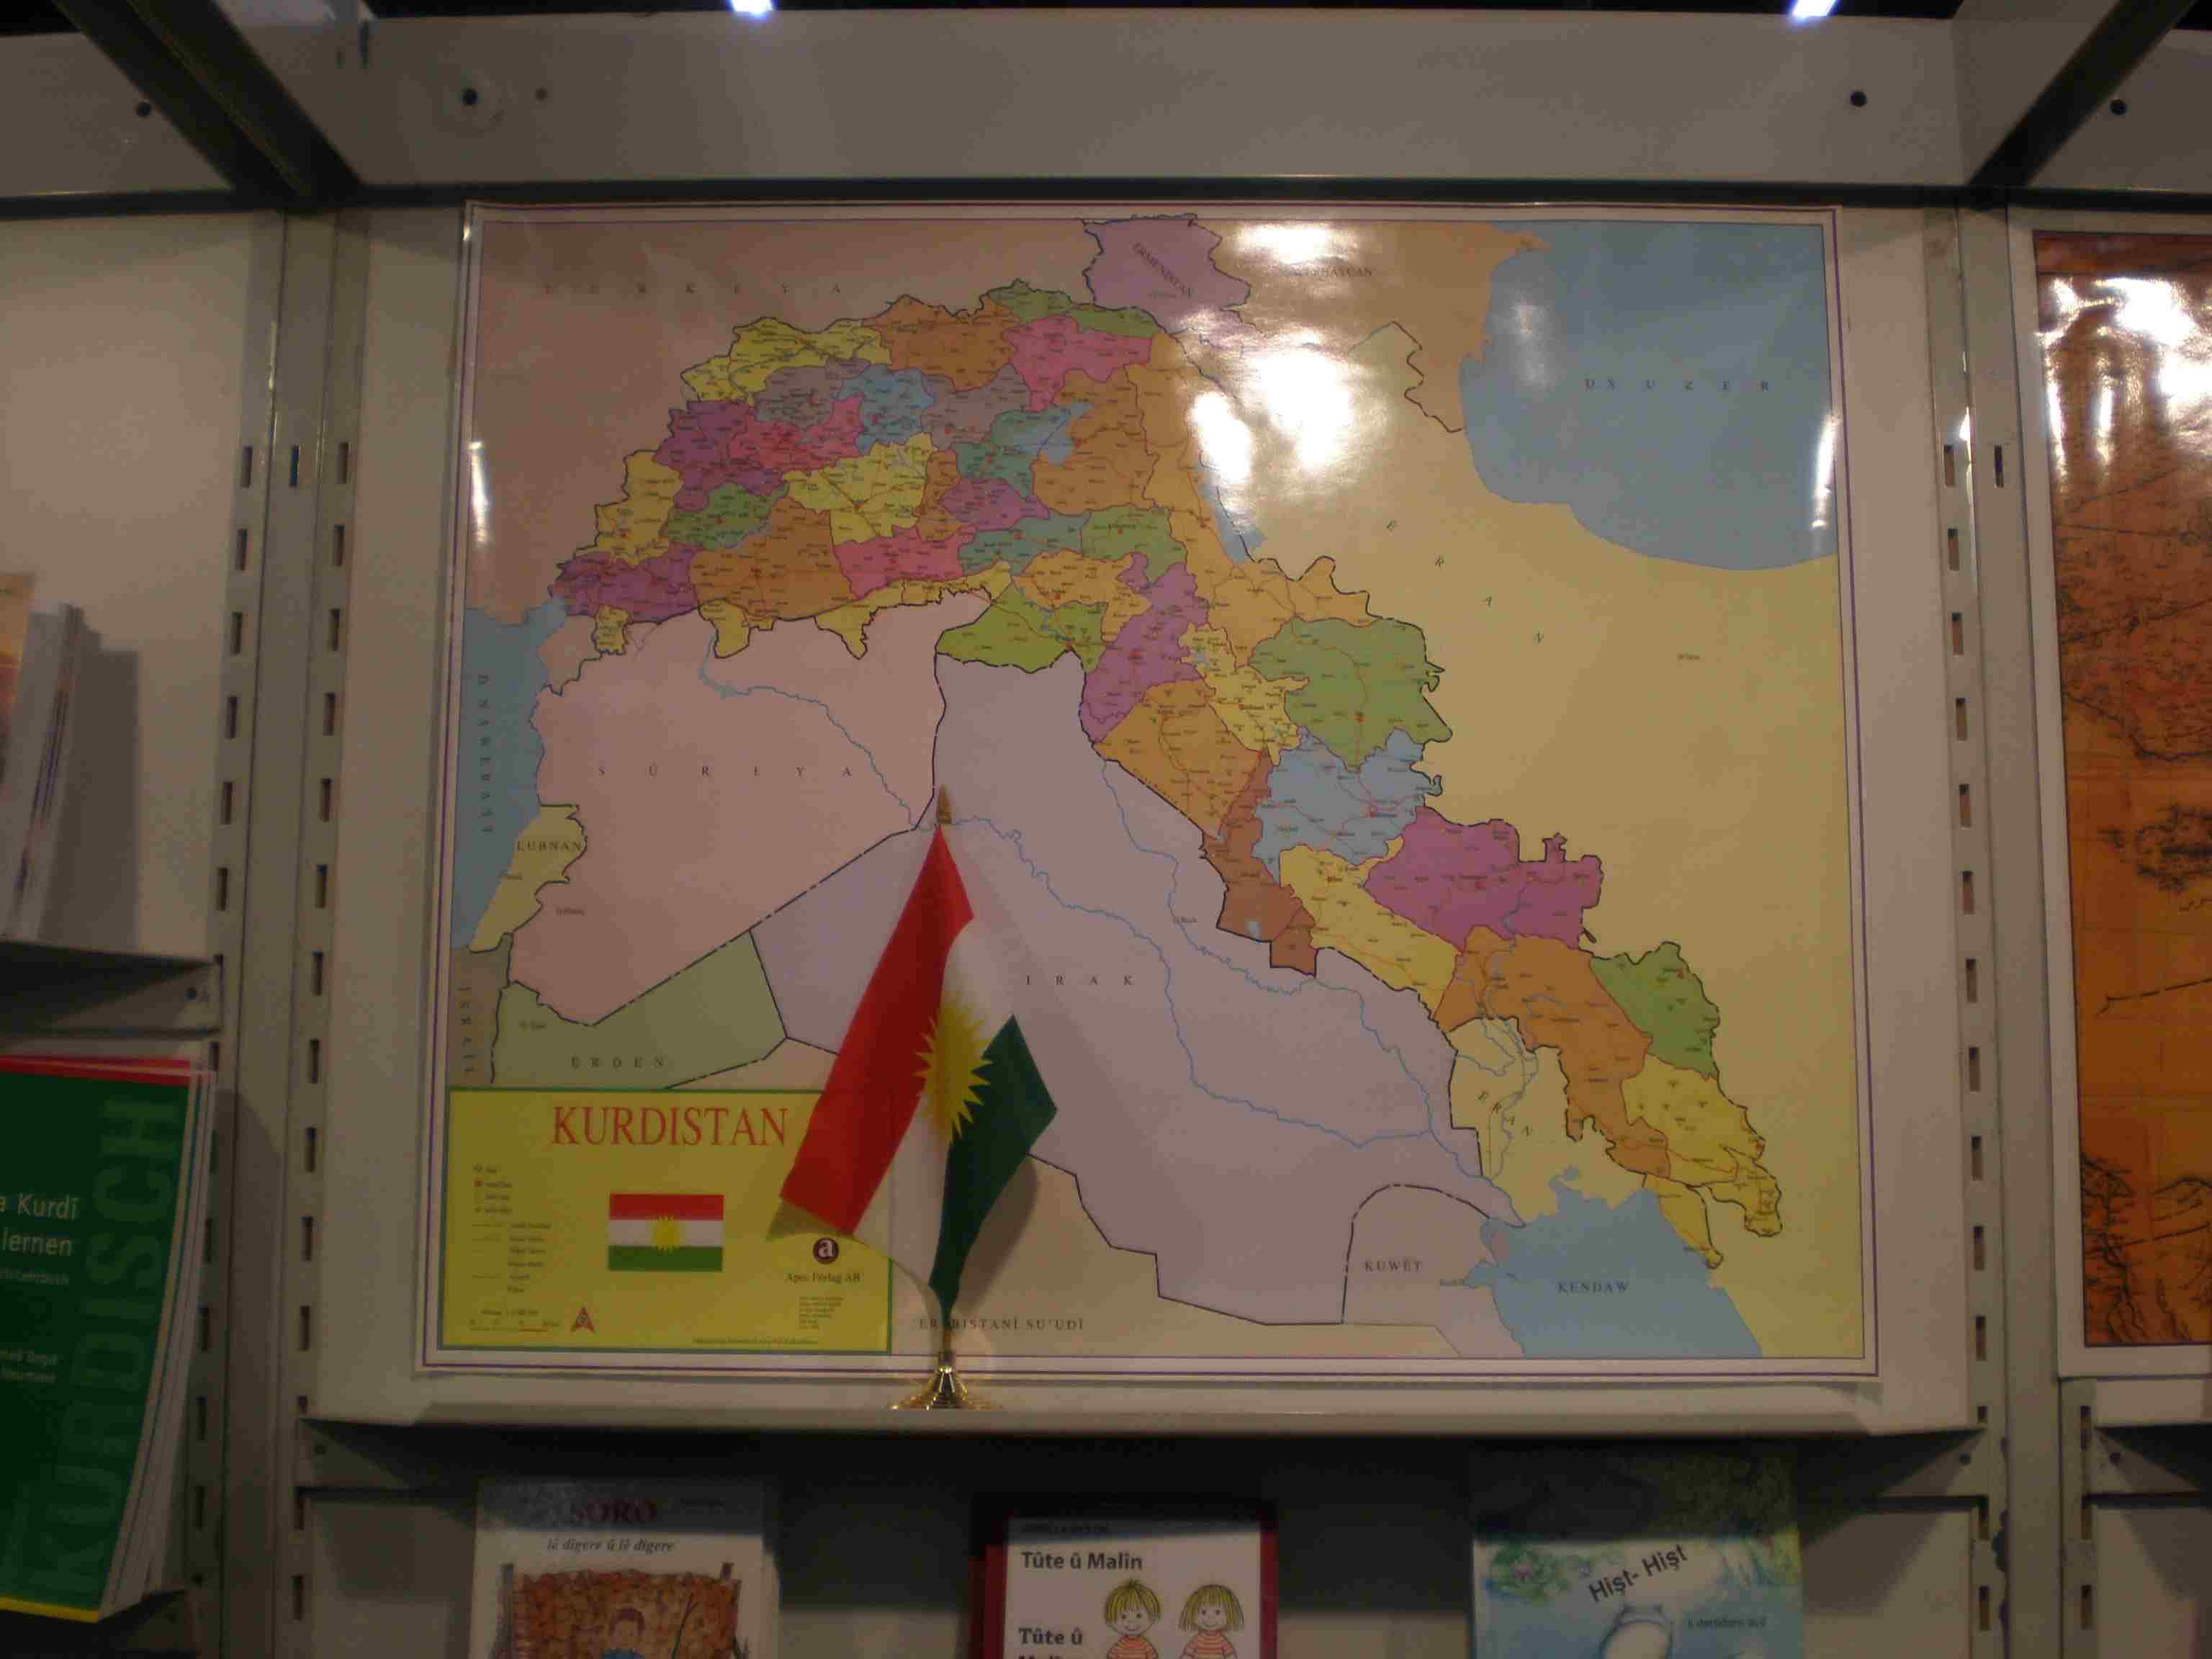 """Obr. 3: Turci zase naoplátku v kurdském stánku strhli velkou nástěnnou mapu (budoucího) Kurdistánu, což poté Kurdové na tiskové konferenci vydávali za útok na kurdský stánek; právě kvůli knize Divokým Kurdistánem je podle Kurdů v Turecku zakázán Karel May, který je prý považován za """"teroristického spisovatele"""" - ve skutečnosti ale jeho díla turecky bez problému vycházejí, jen jmenované dílo s pozměněným názvem V kurdských horách"""